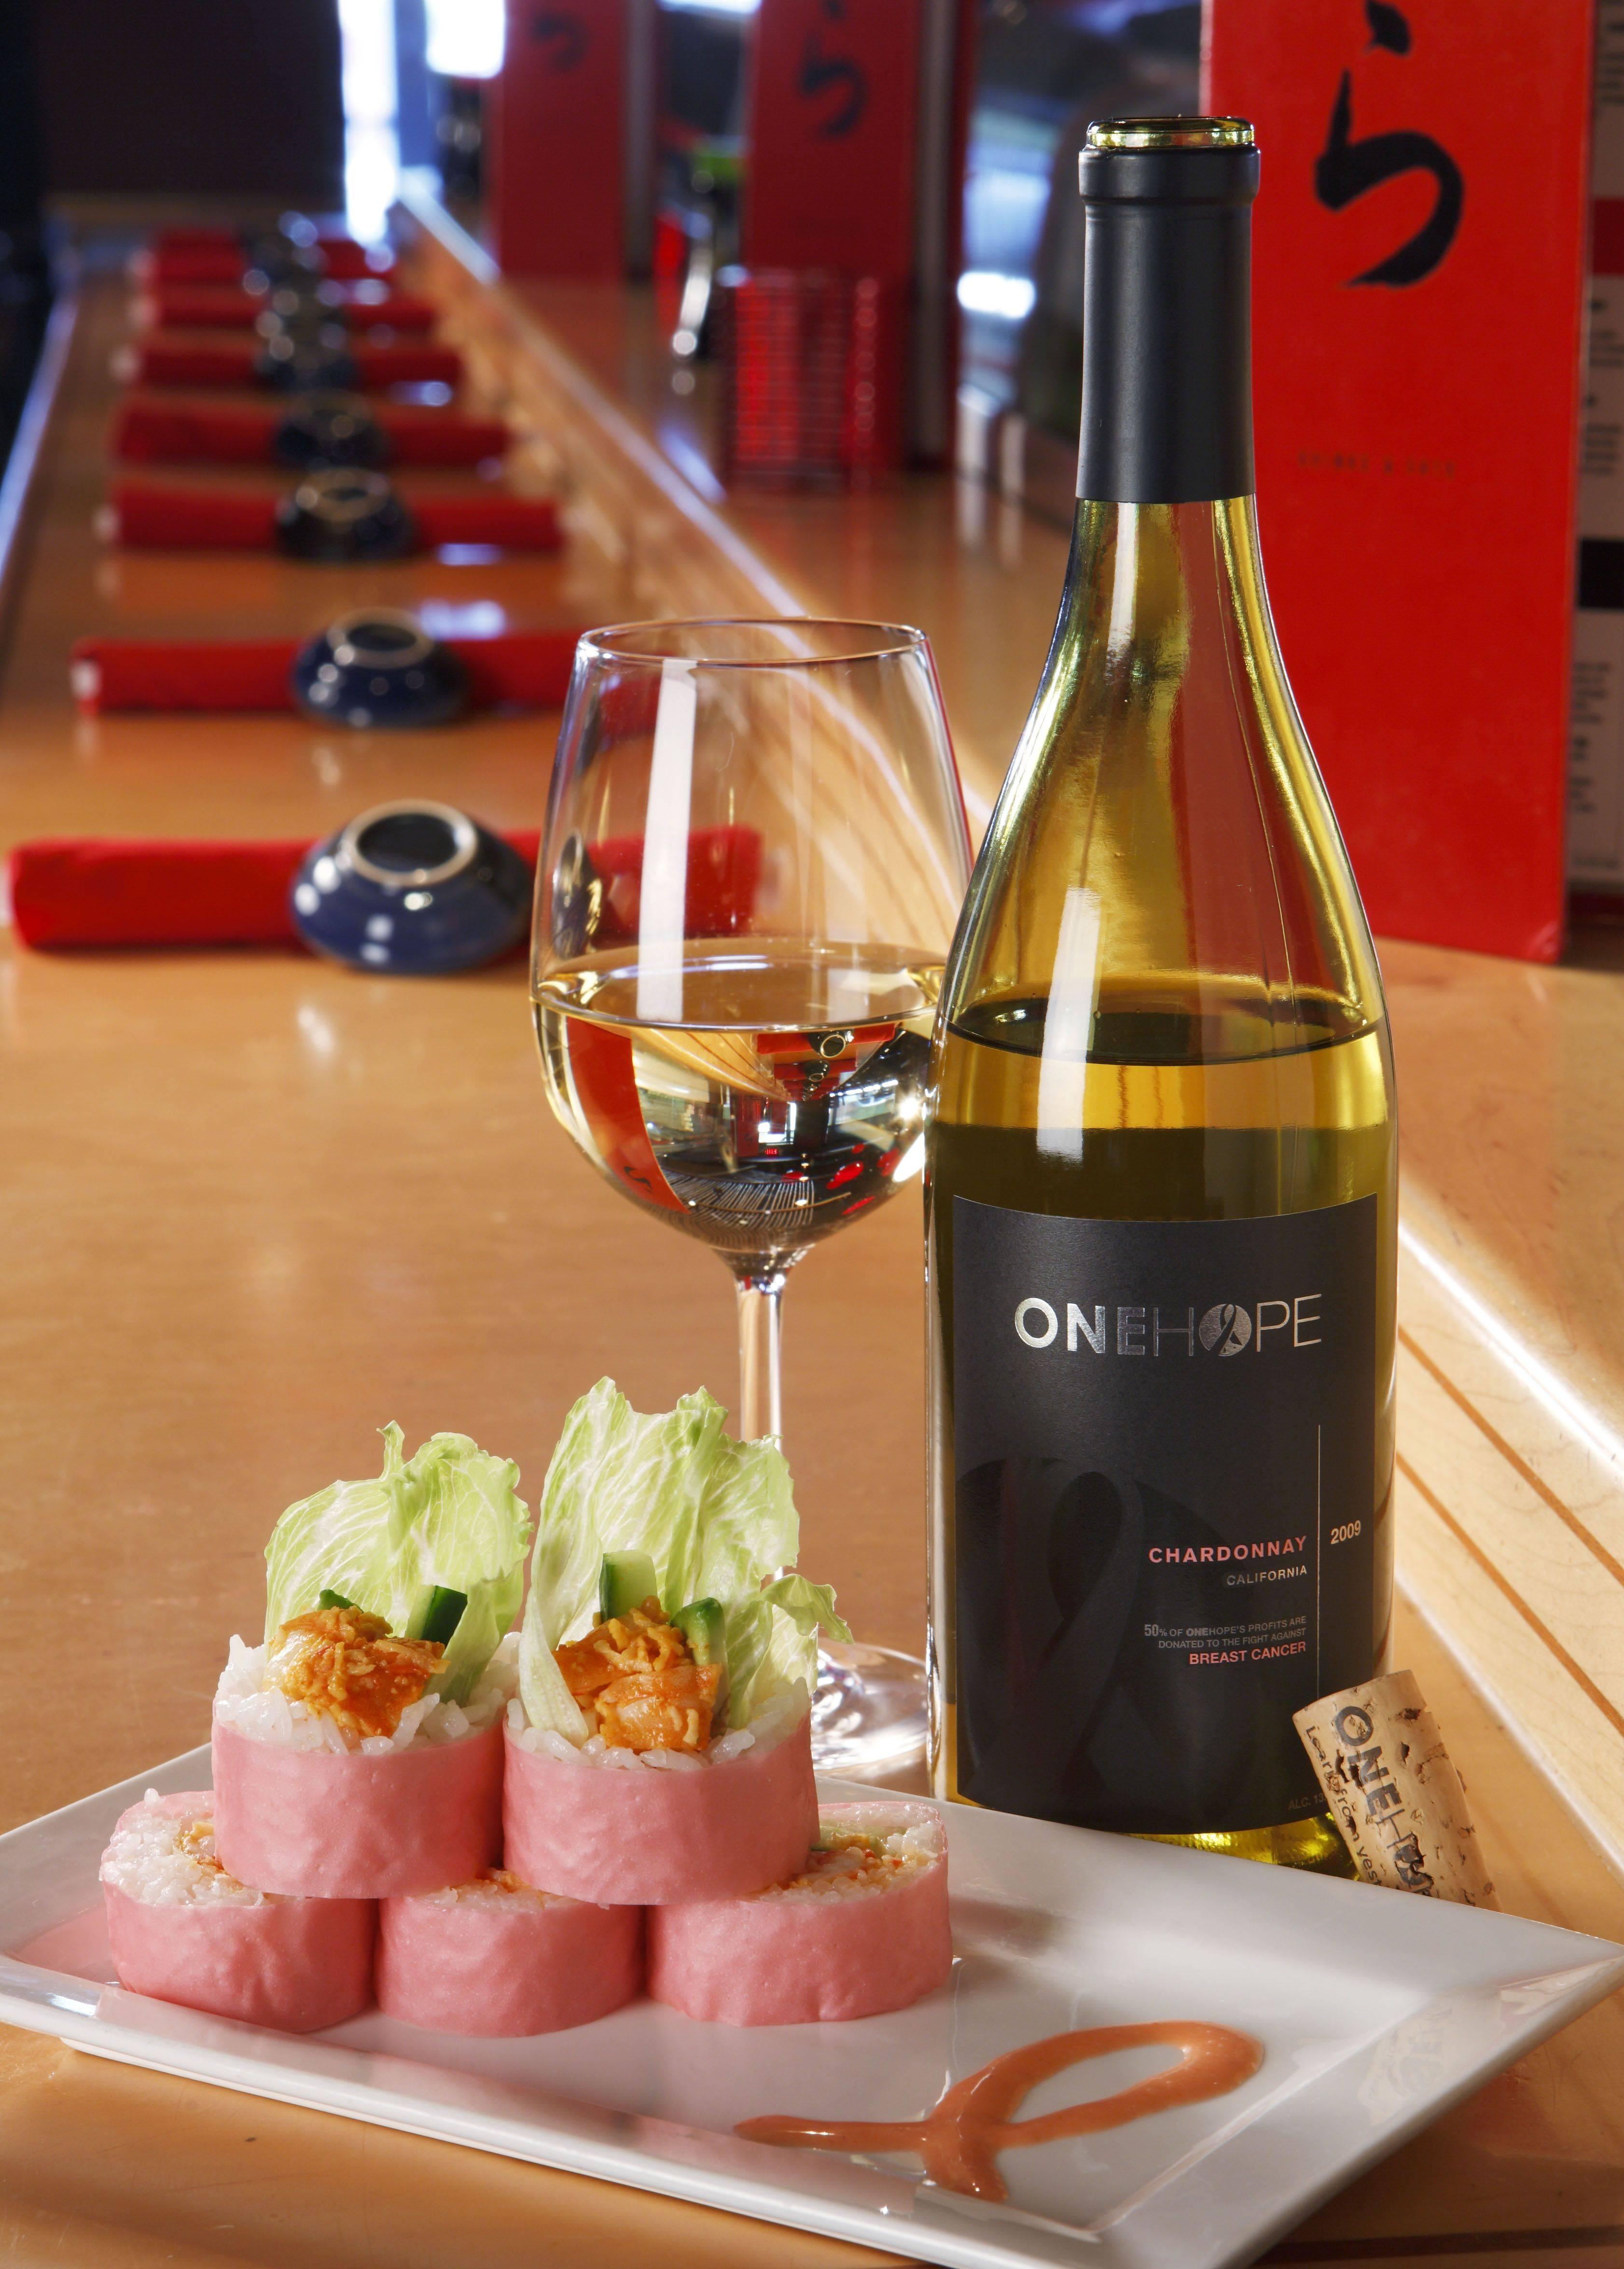 Что пьют с суши и роллами? какие напитки сочетаются с японскими блюдами